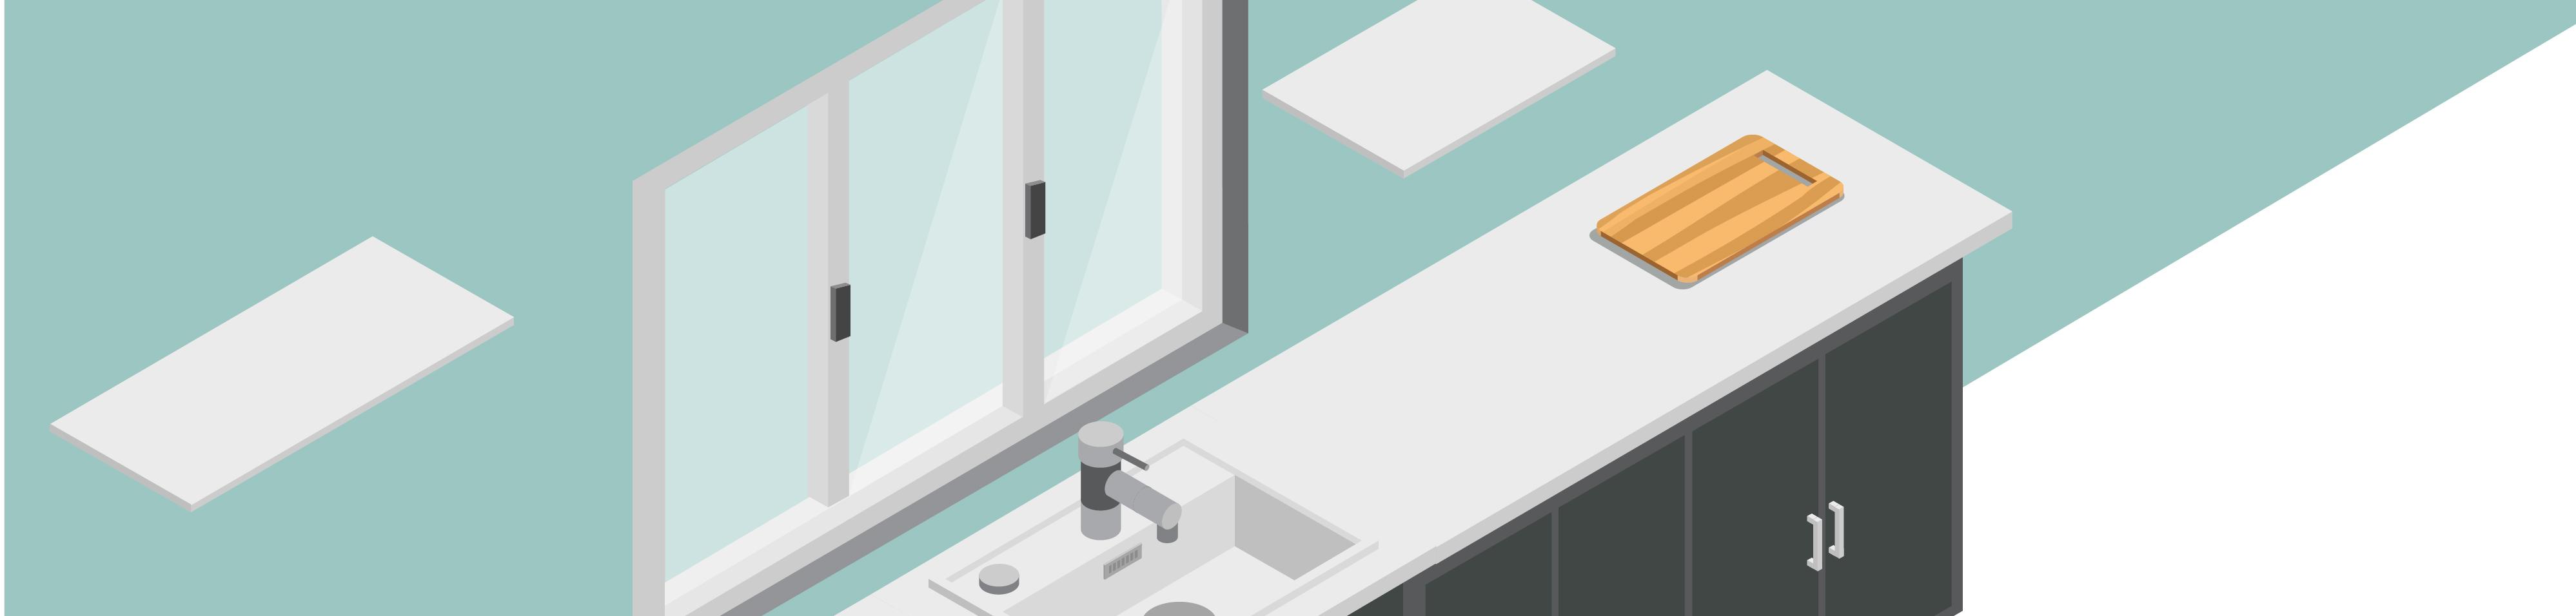 Spot Au Dessus Evier Cuisine fenêtre dans la cuisine : pourquoi créer une ouverture ?